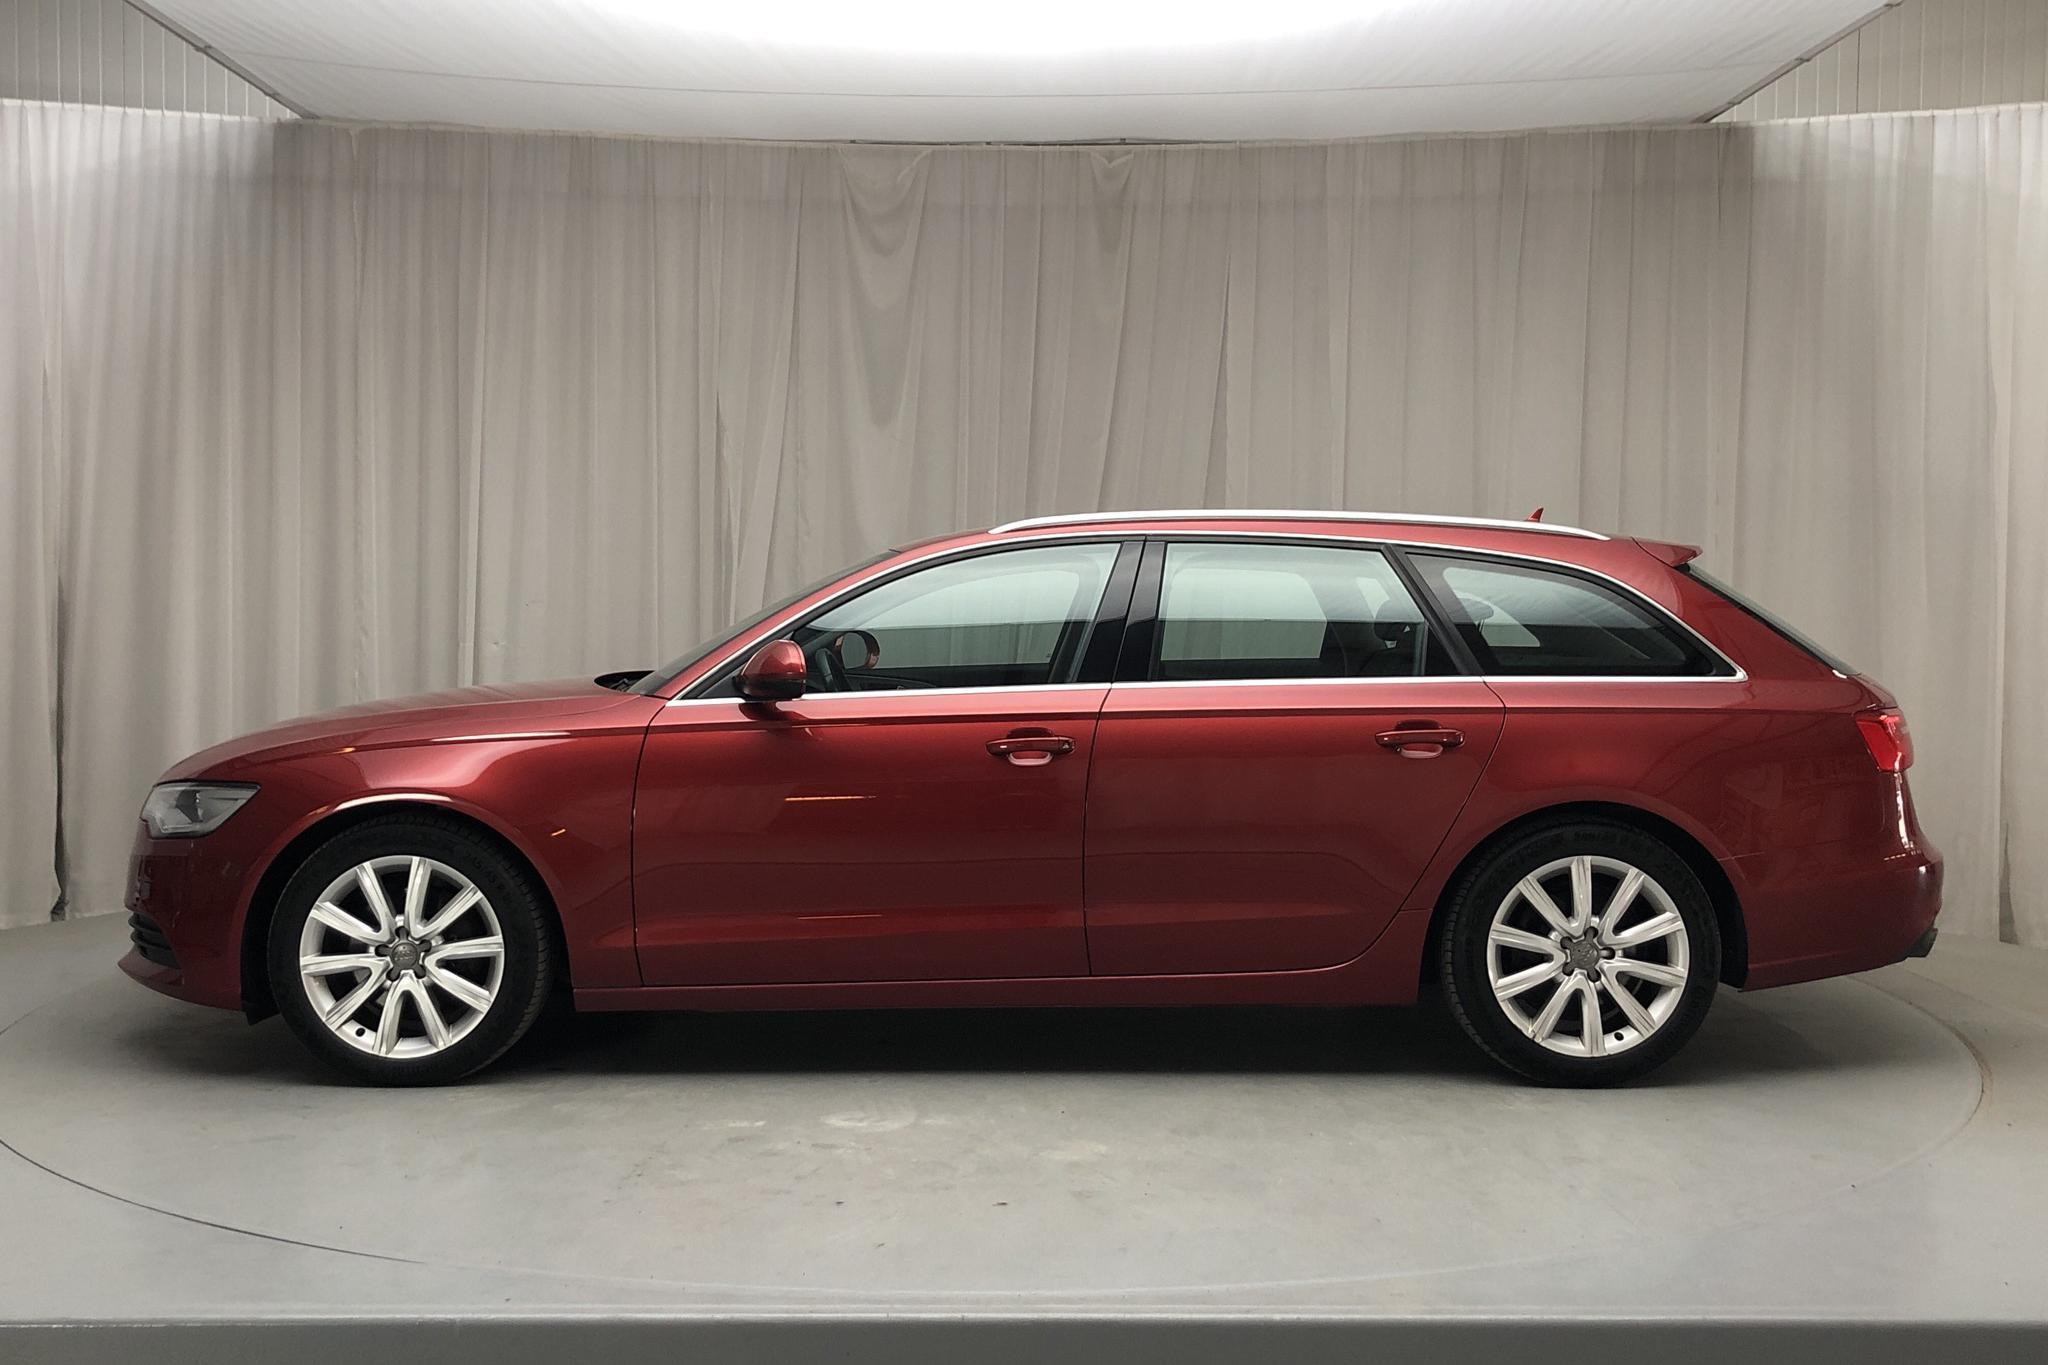 Audi A6 2.0 TDI Avant (177hk) - 11 795 mil - Manuell - röd - 2014